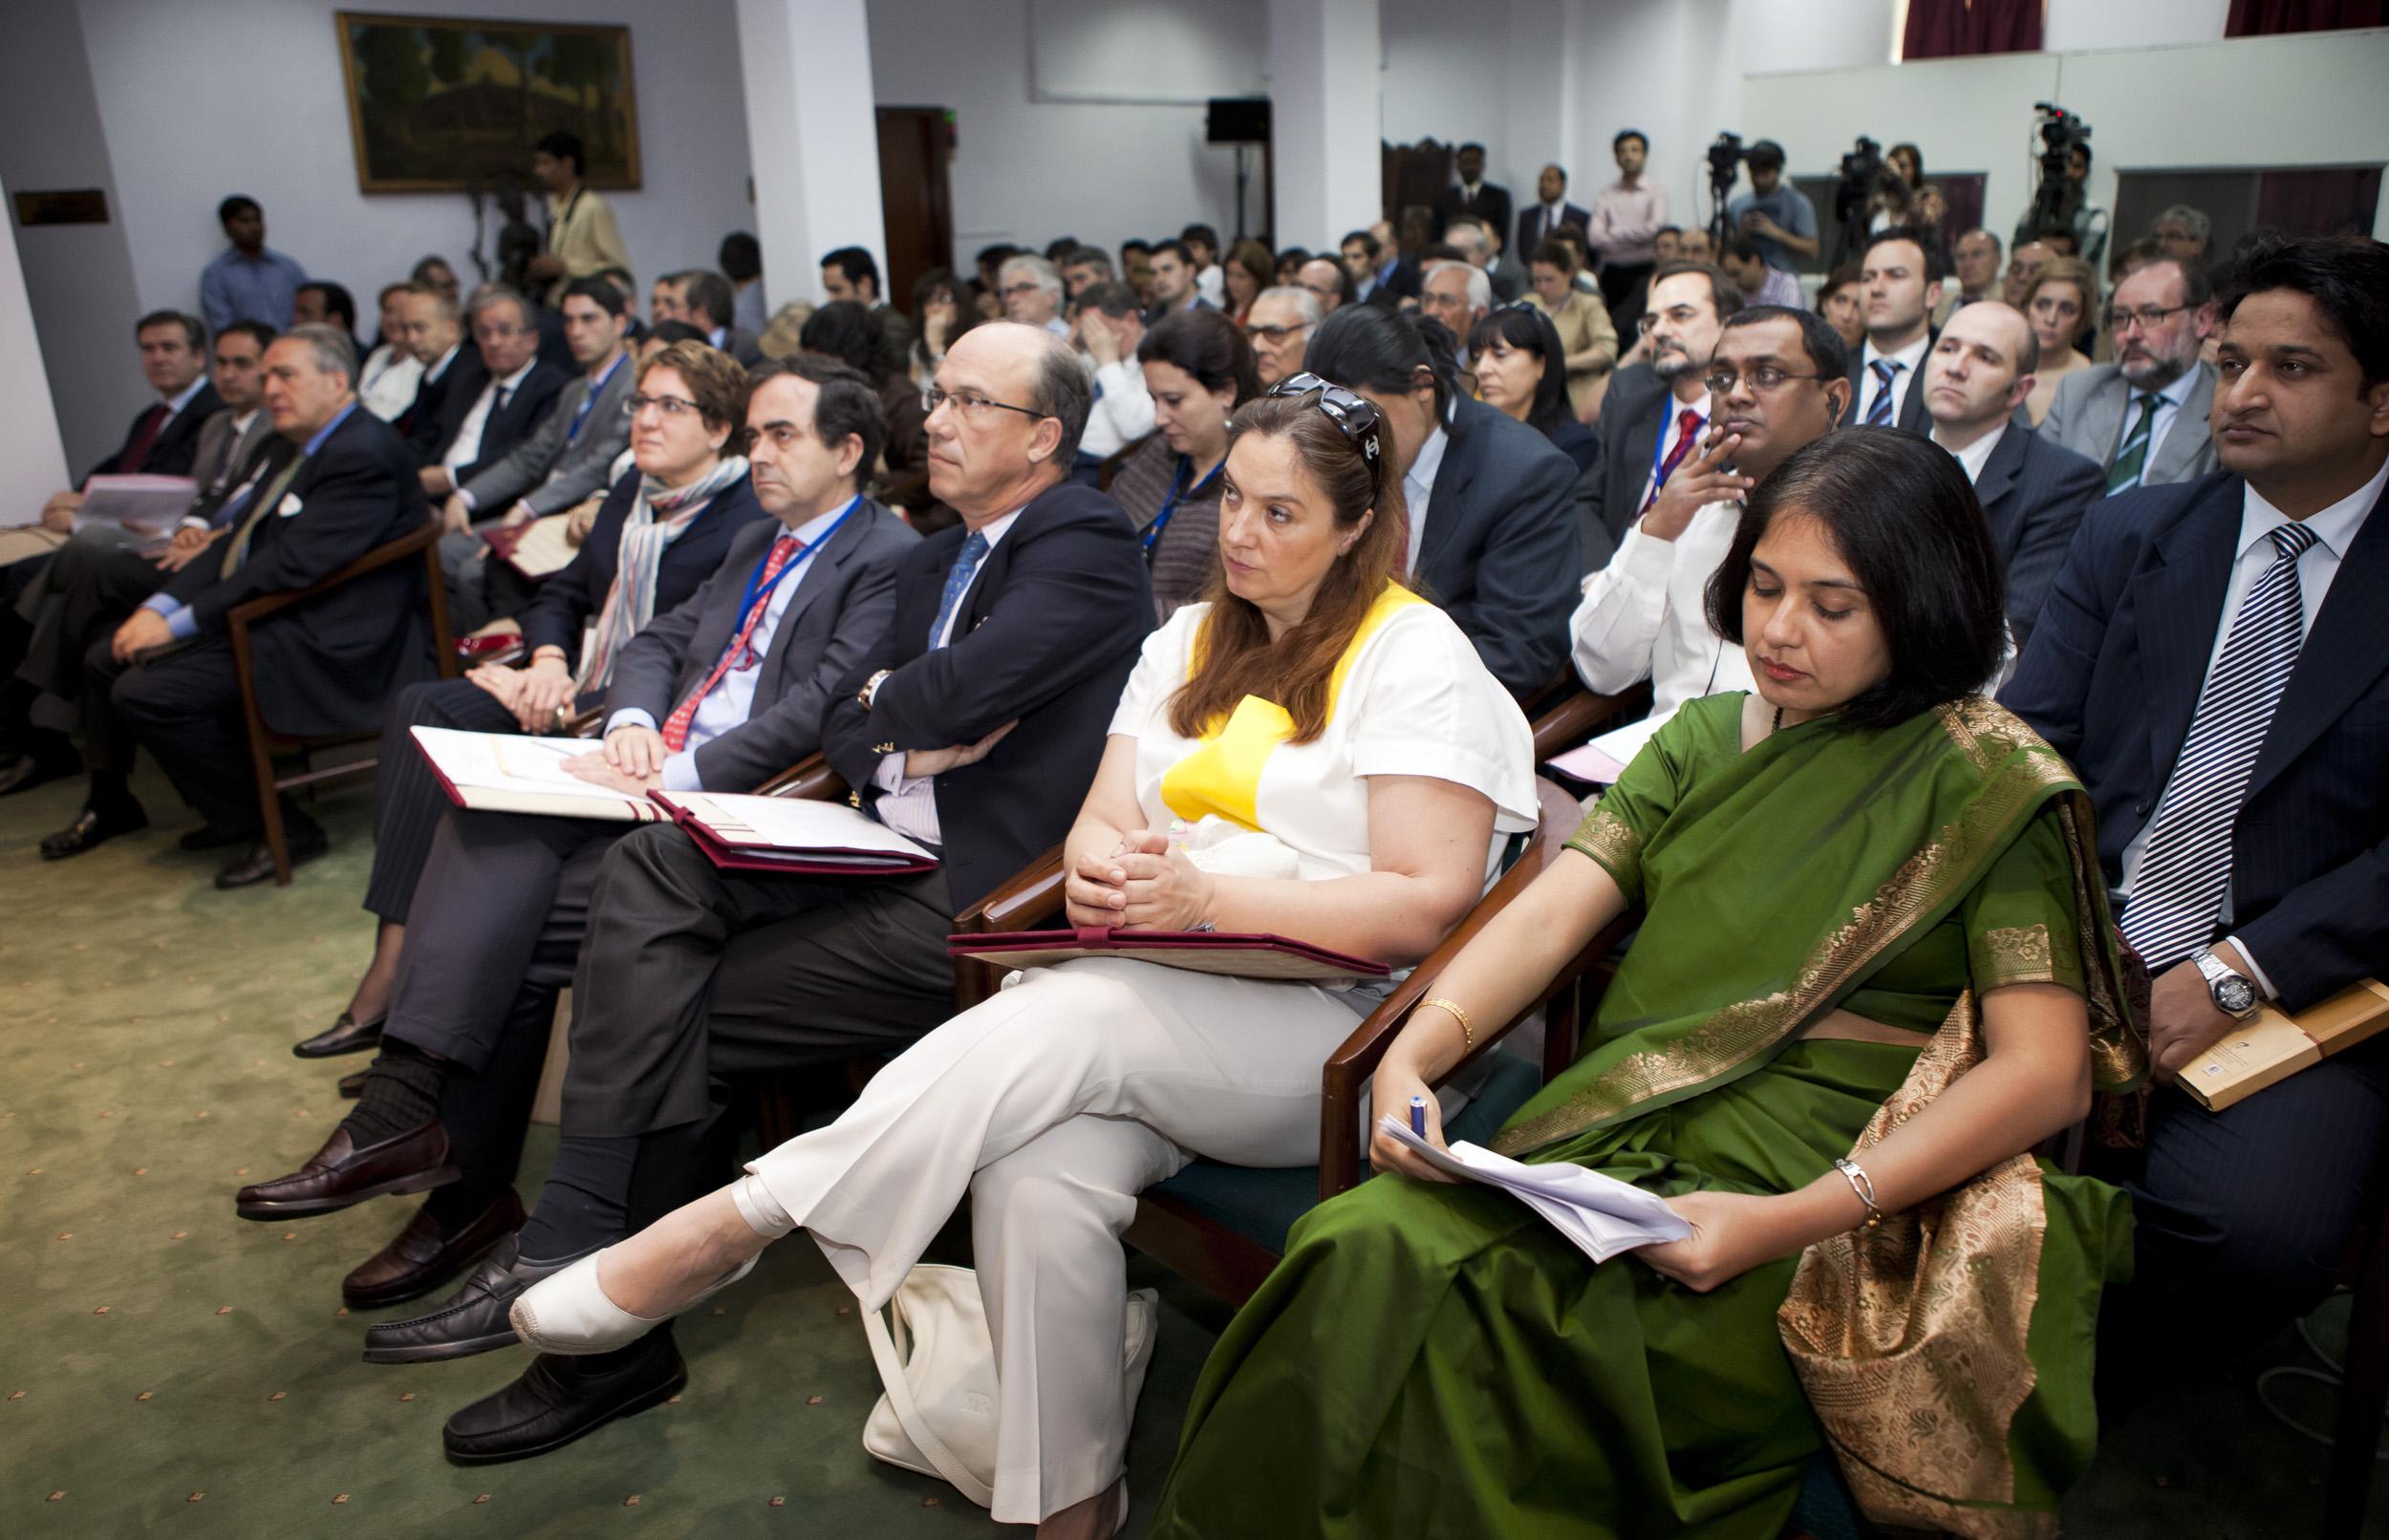 2012_03_21_tribuna_india_espana11.jpg